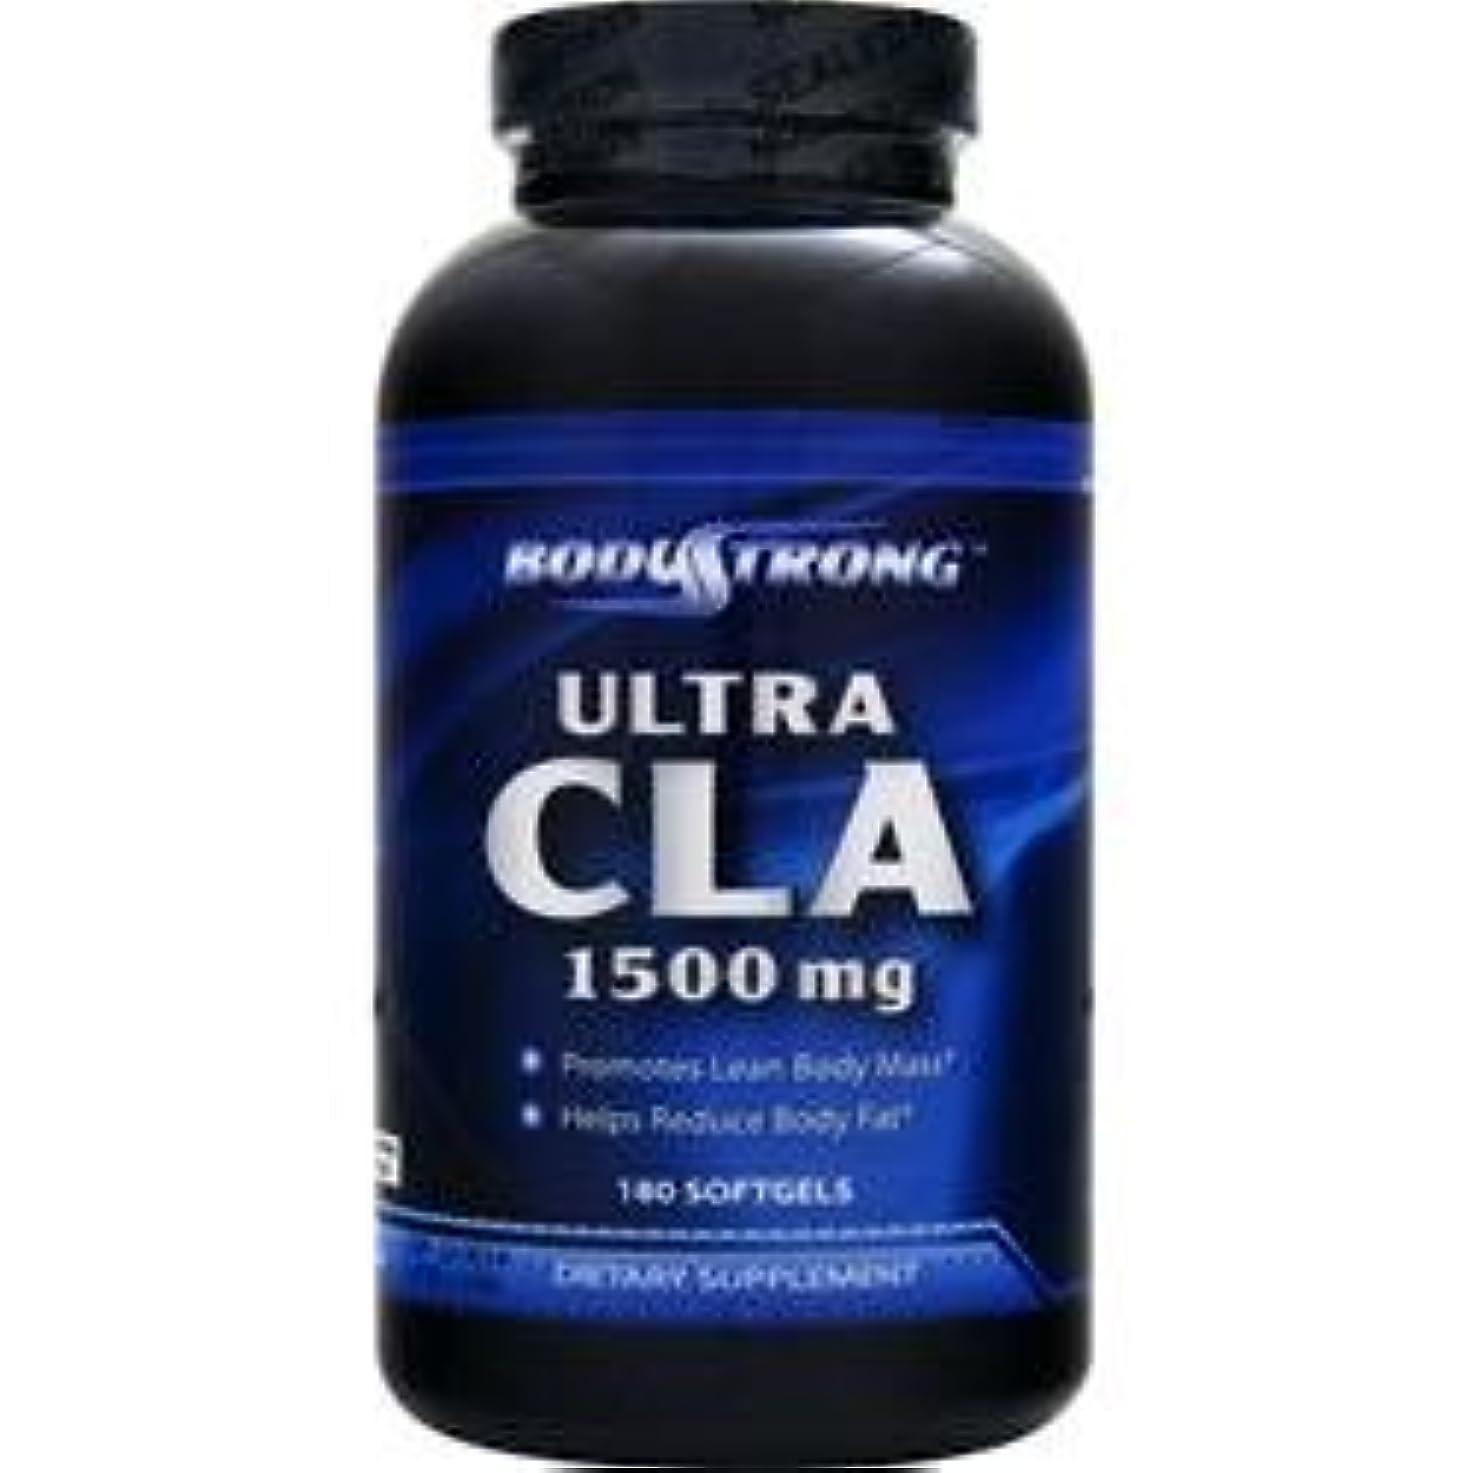 もっと毎月穏やかなBodyStrong ウルトラCLA 1500mg (Ultra CLA) (180ソフトジェル)